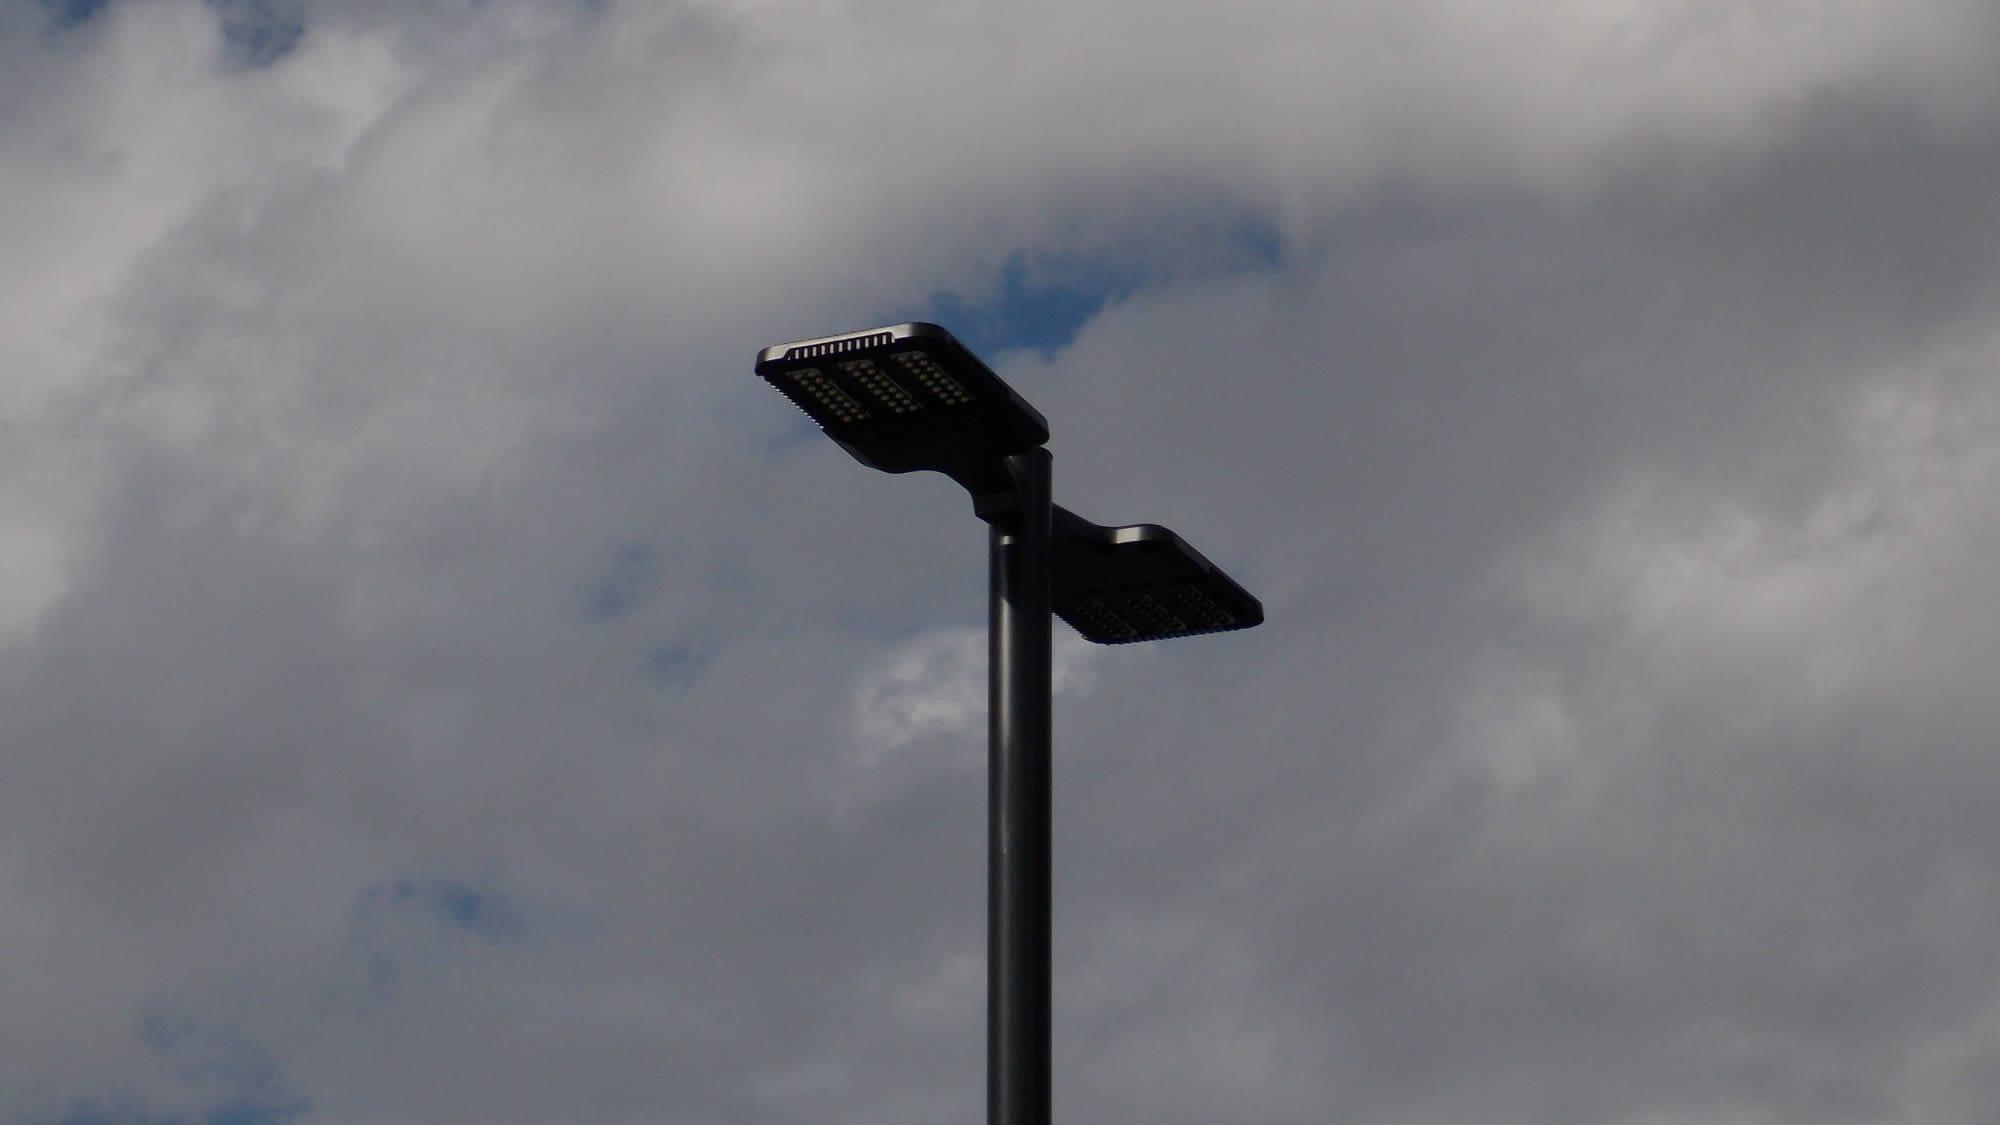 Tower lights at Park 'N' Space Self Storage in Manassas, Virginia